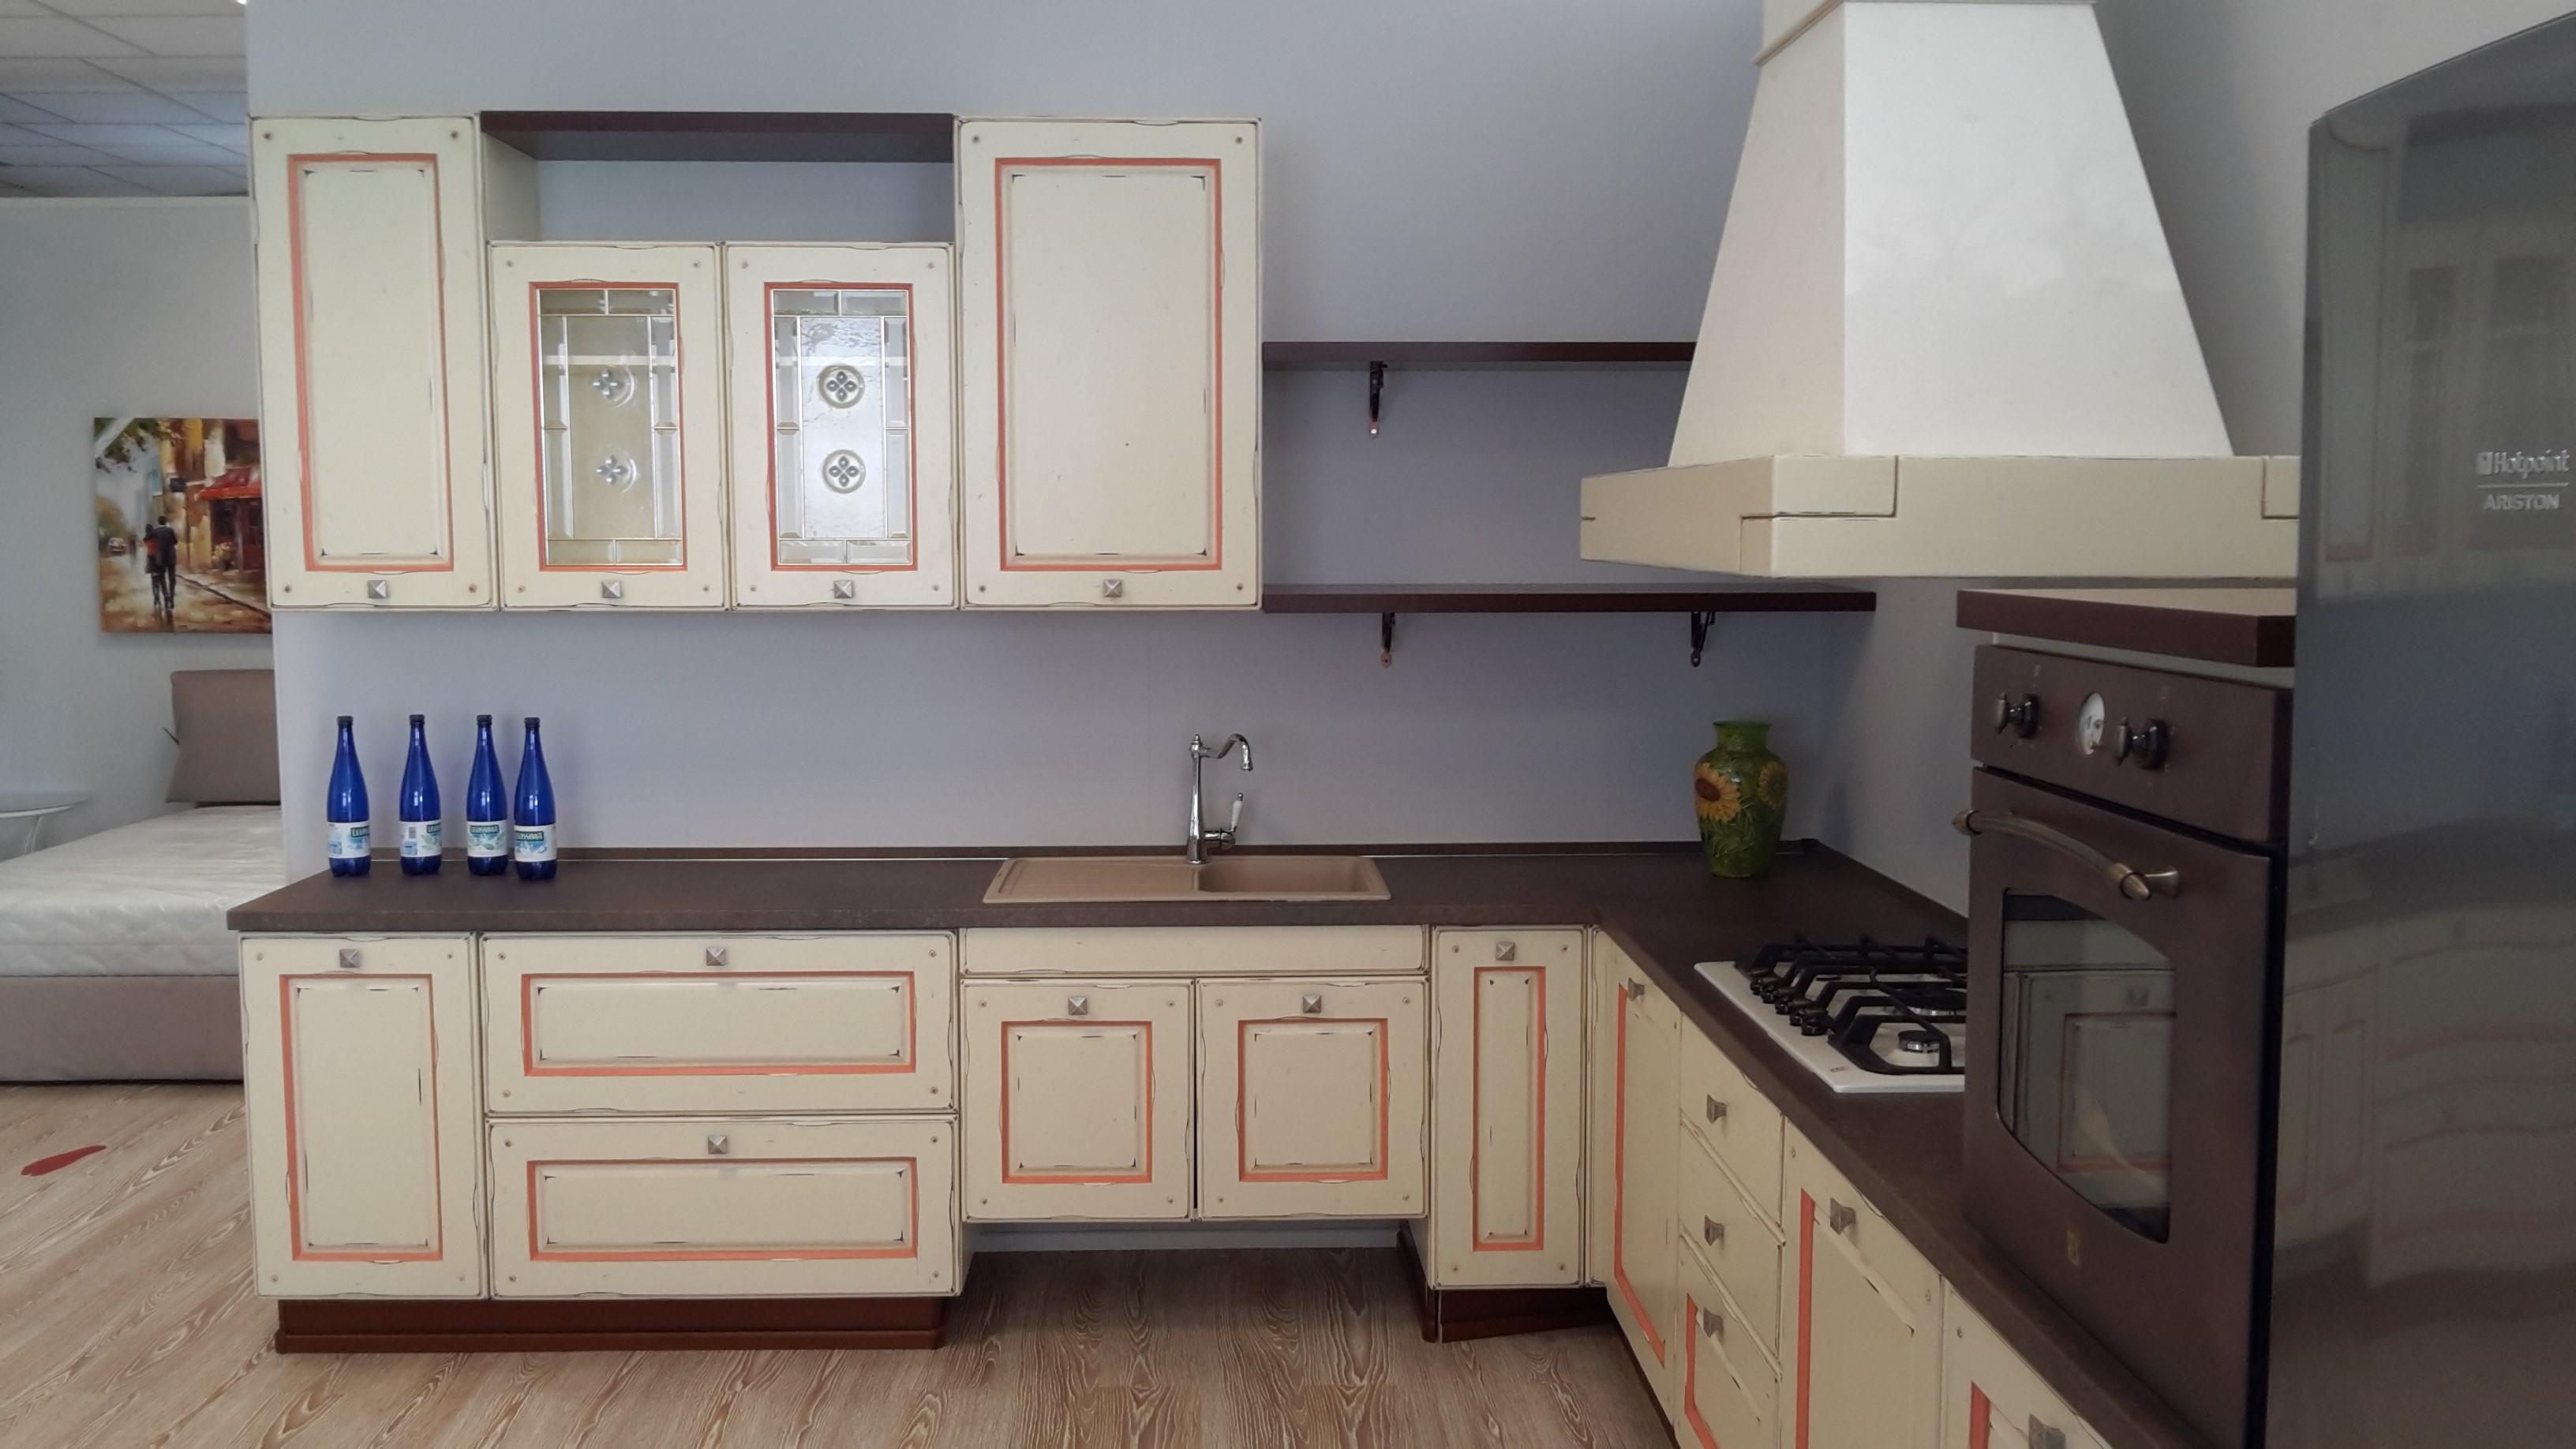 Arrex 1 Cucina Gloria Scontato Del  58 % Cucine A Prezzi Scontati #7A6351 3264 1836 Veneta Cucine O Arrex